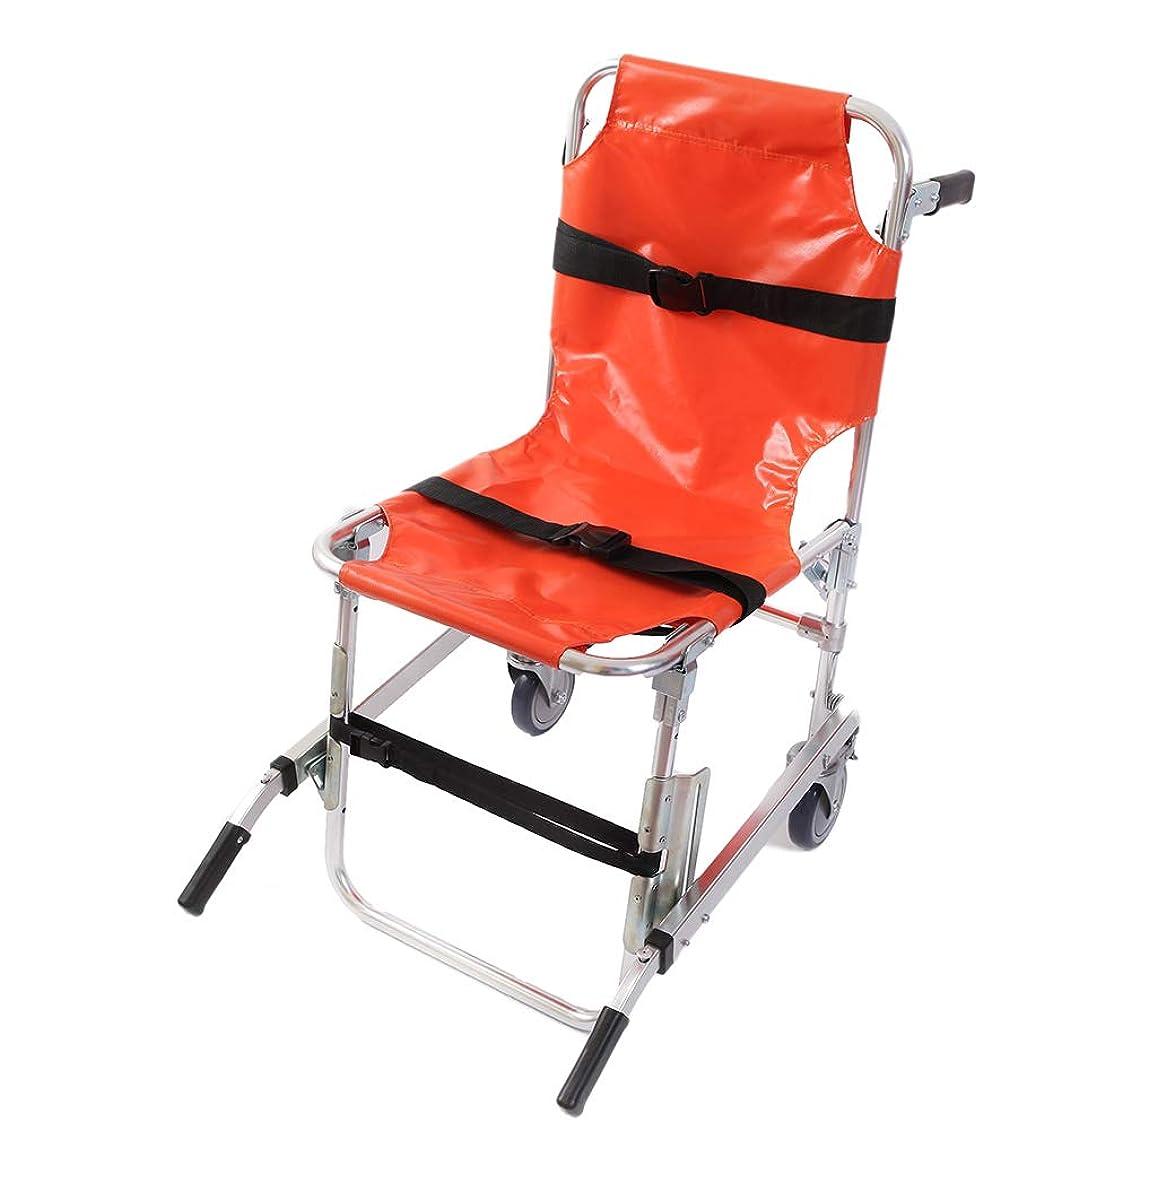 パンサーきれいになんとなくEMS階段椅子アルミ軽量2輪医療輸送チェア患者拘束ストラップ付き350ポンドの容量